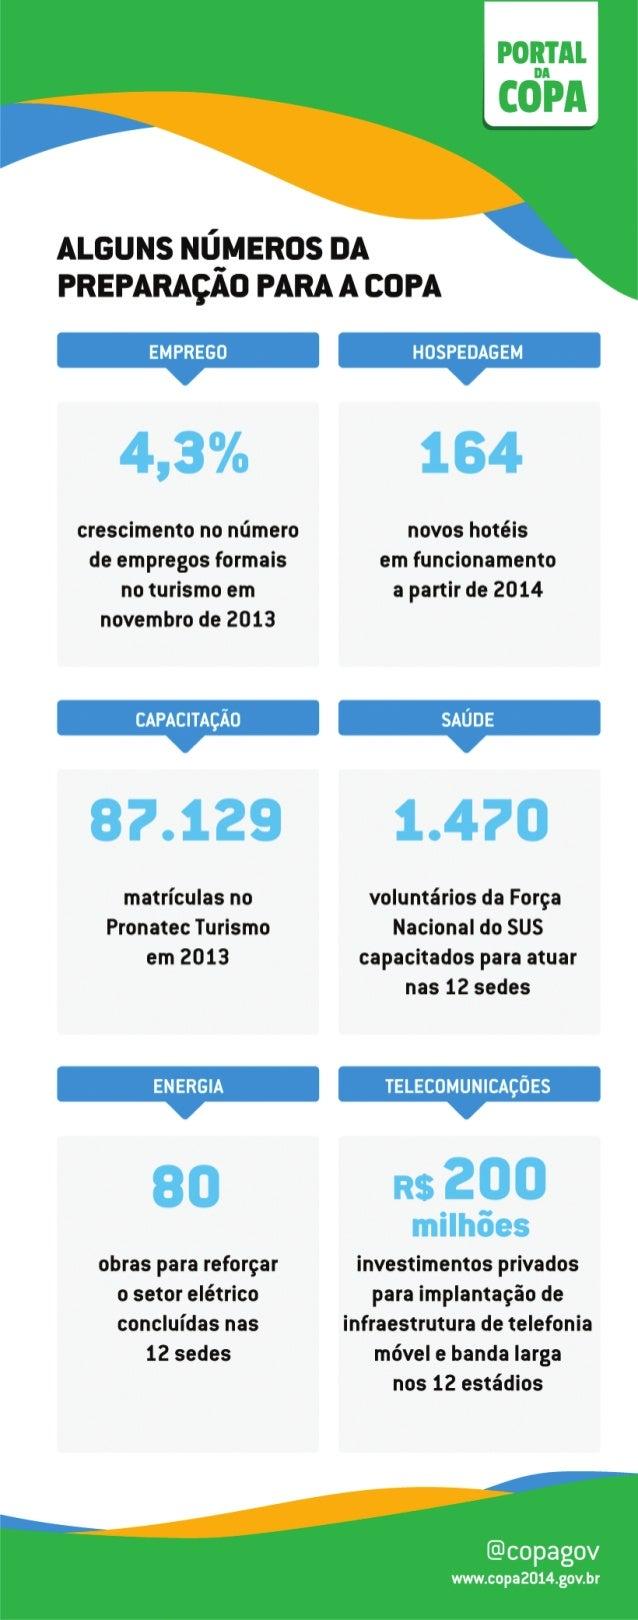 Dilma faz resumo da preparação do país para Copa